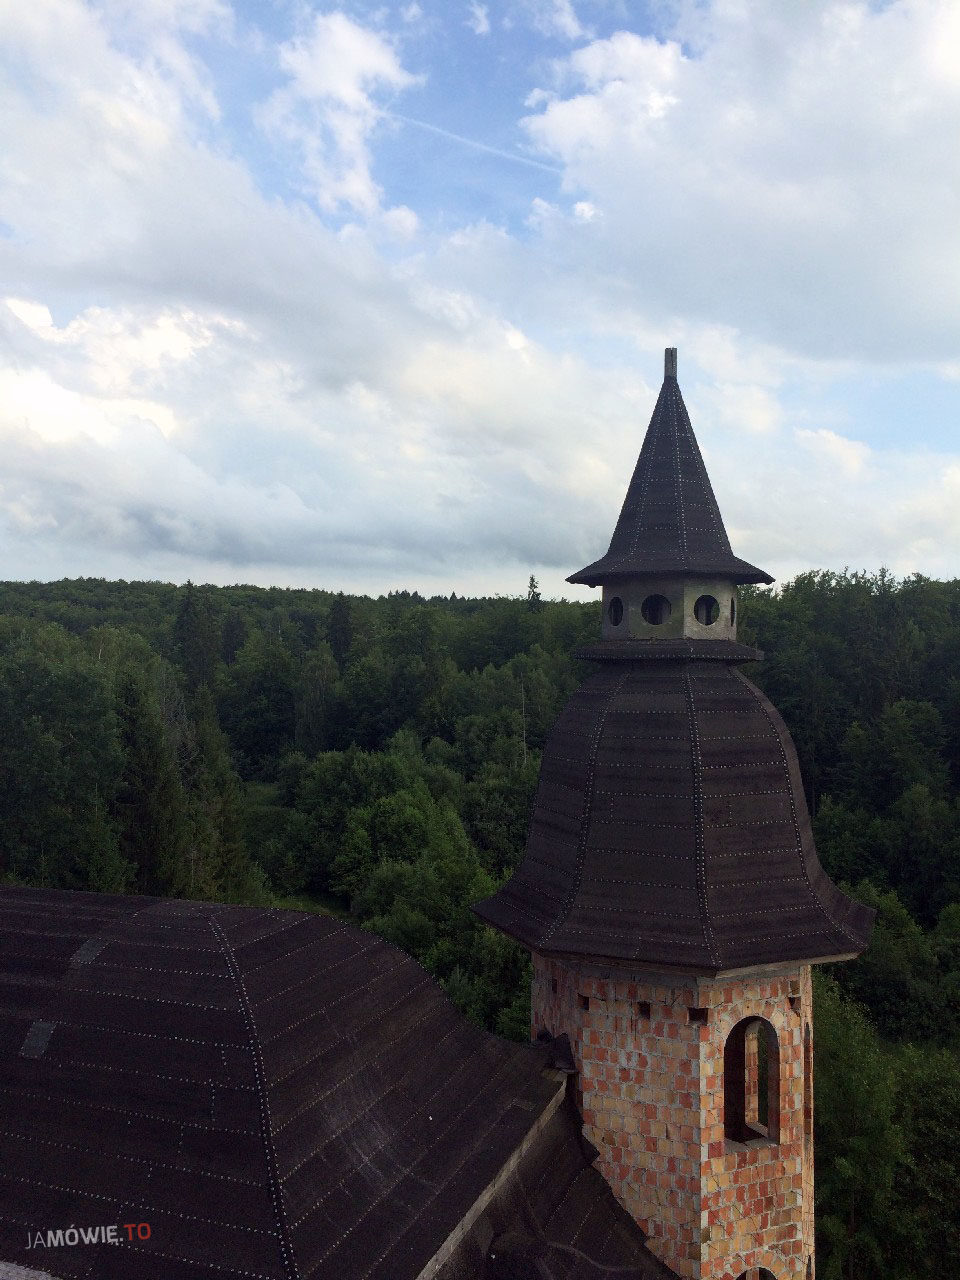 Zamek w Łapalicach - Ja mówię TO - https://jamowie.to